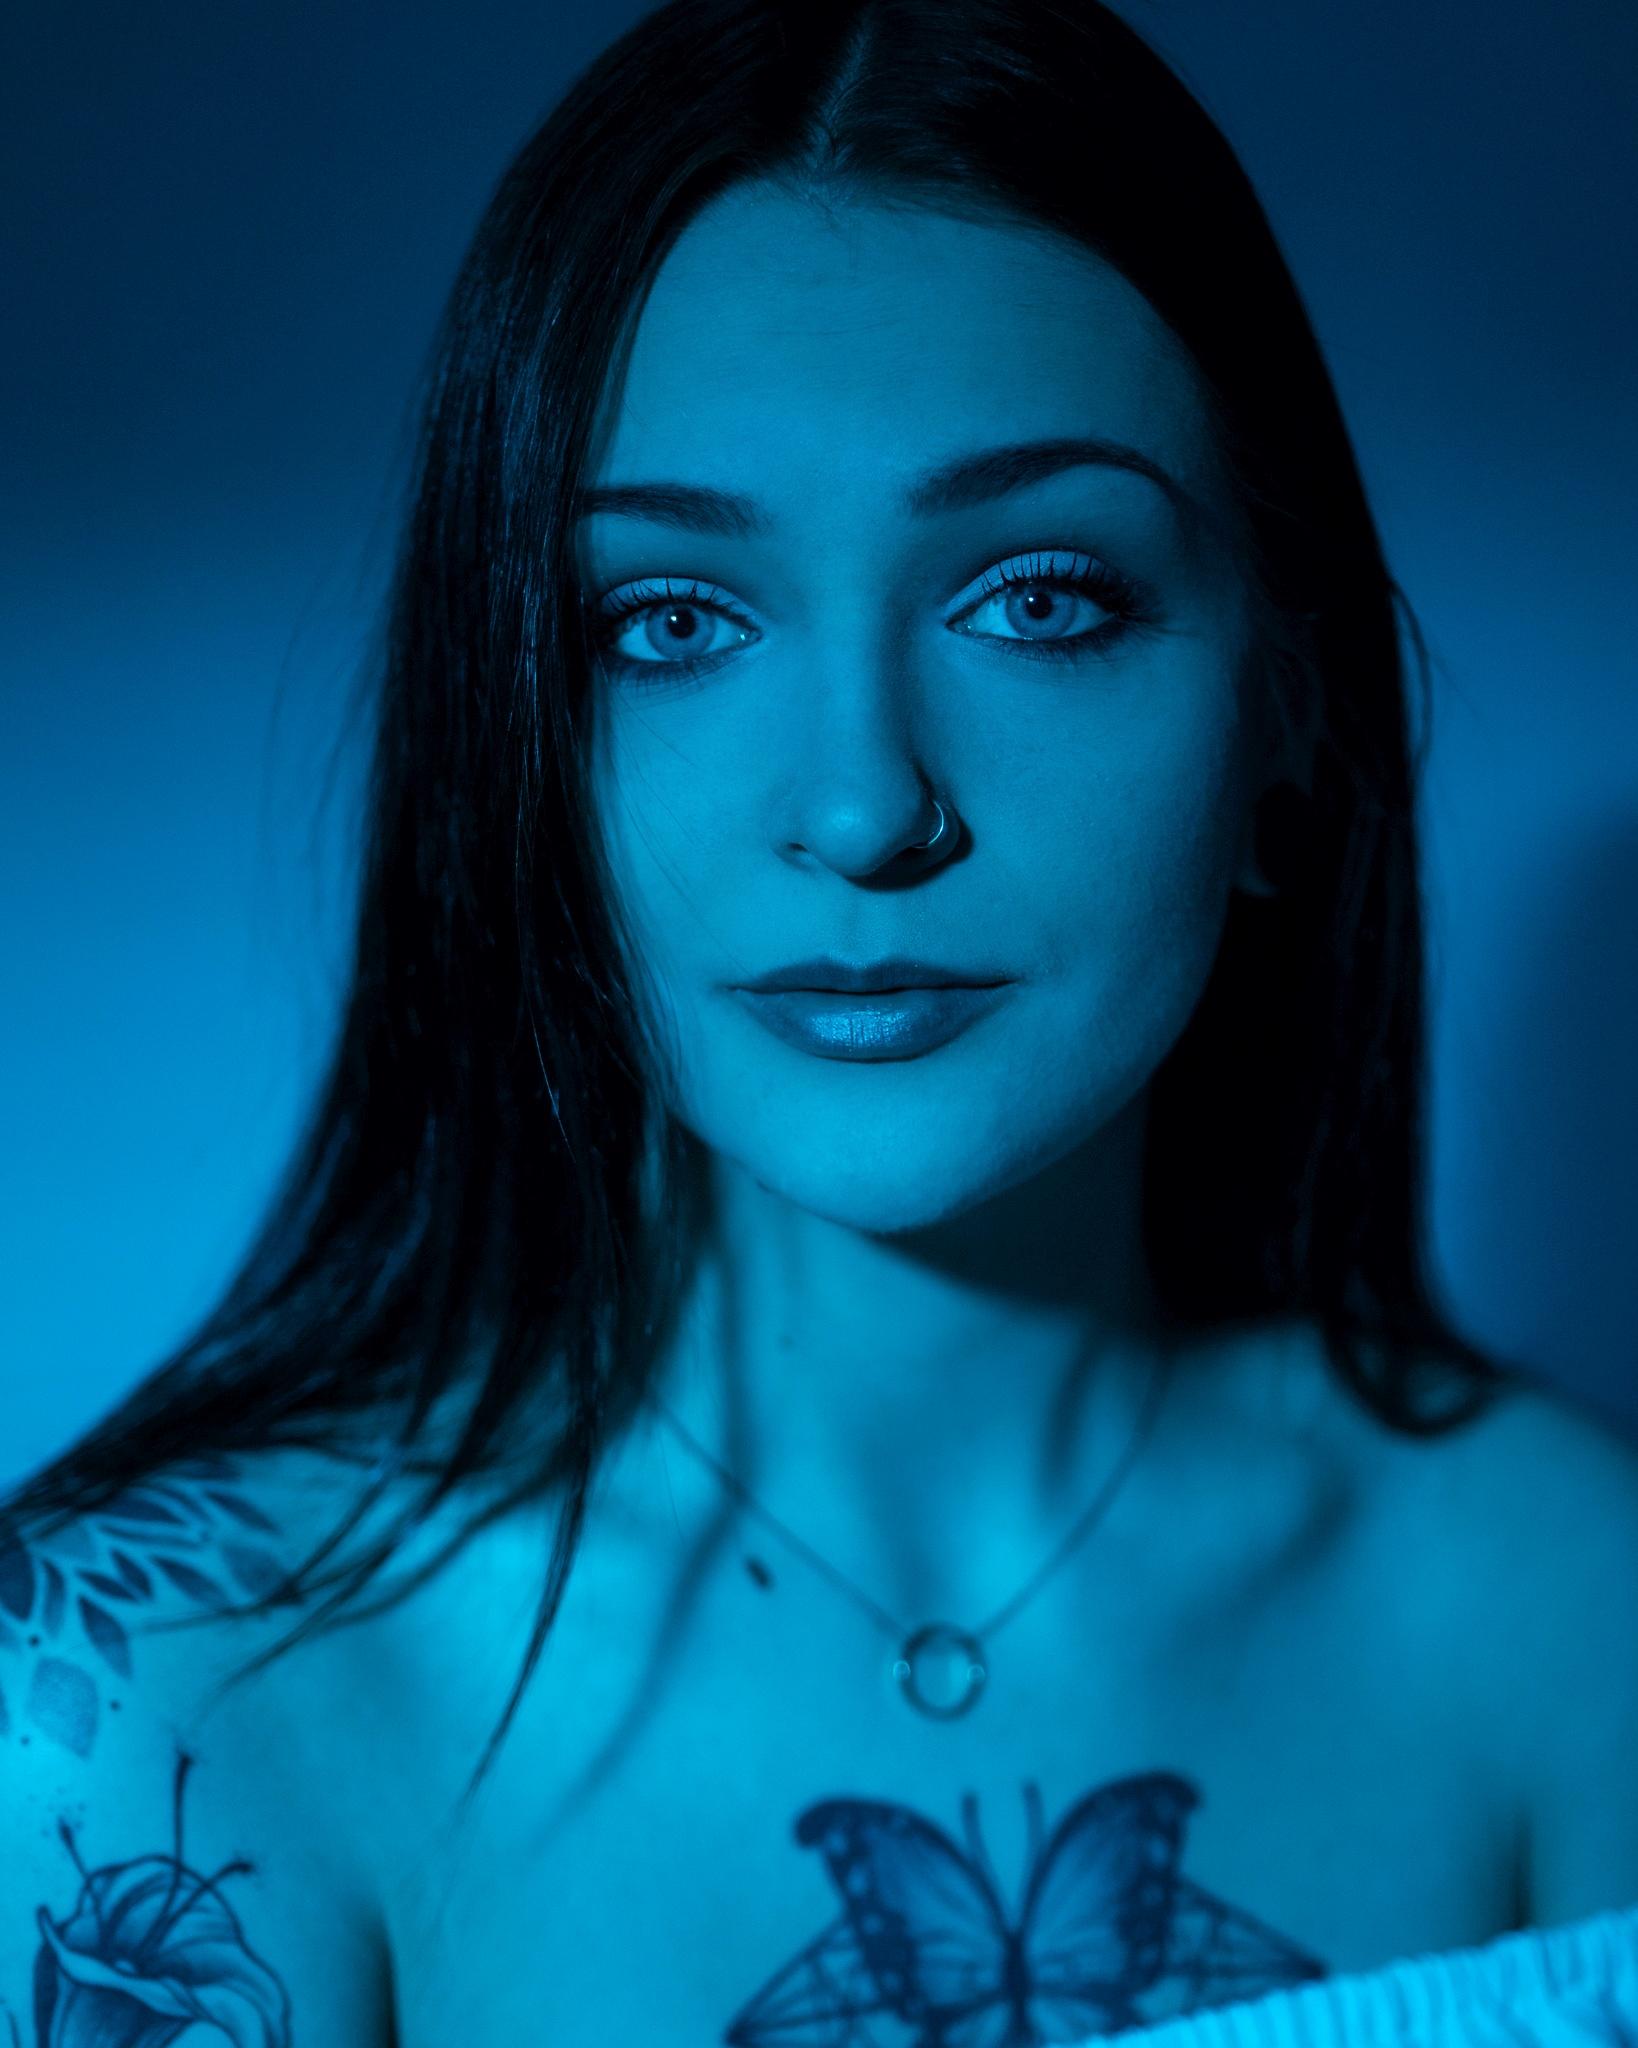 Blue Jay © Benji Schauss